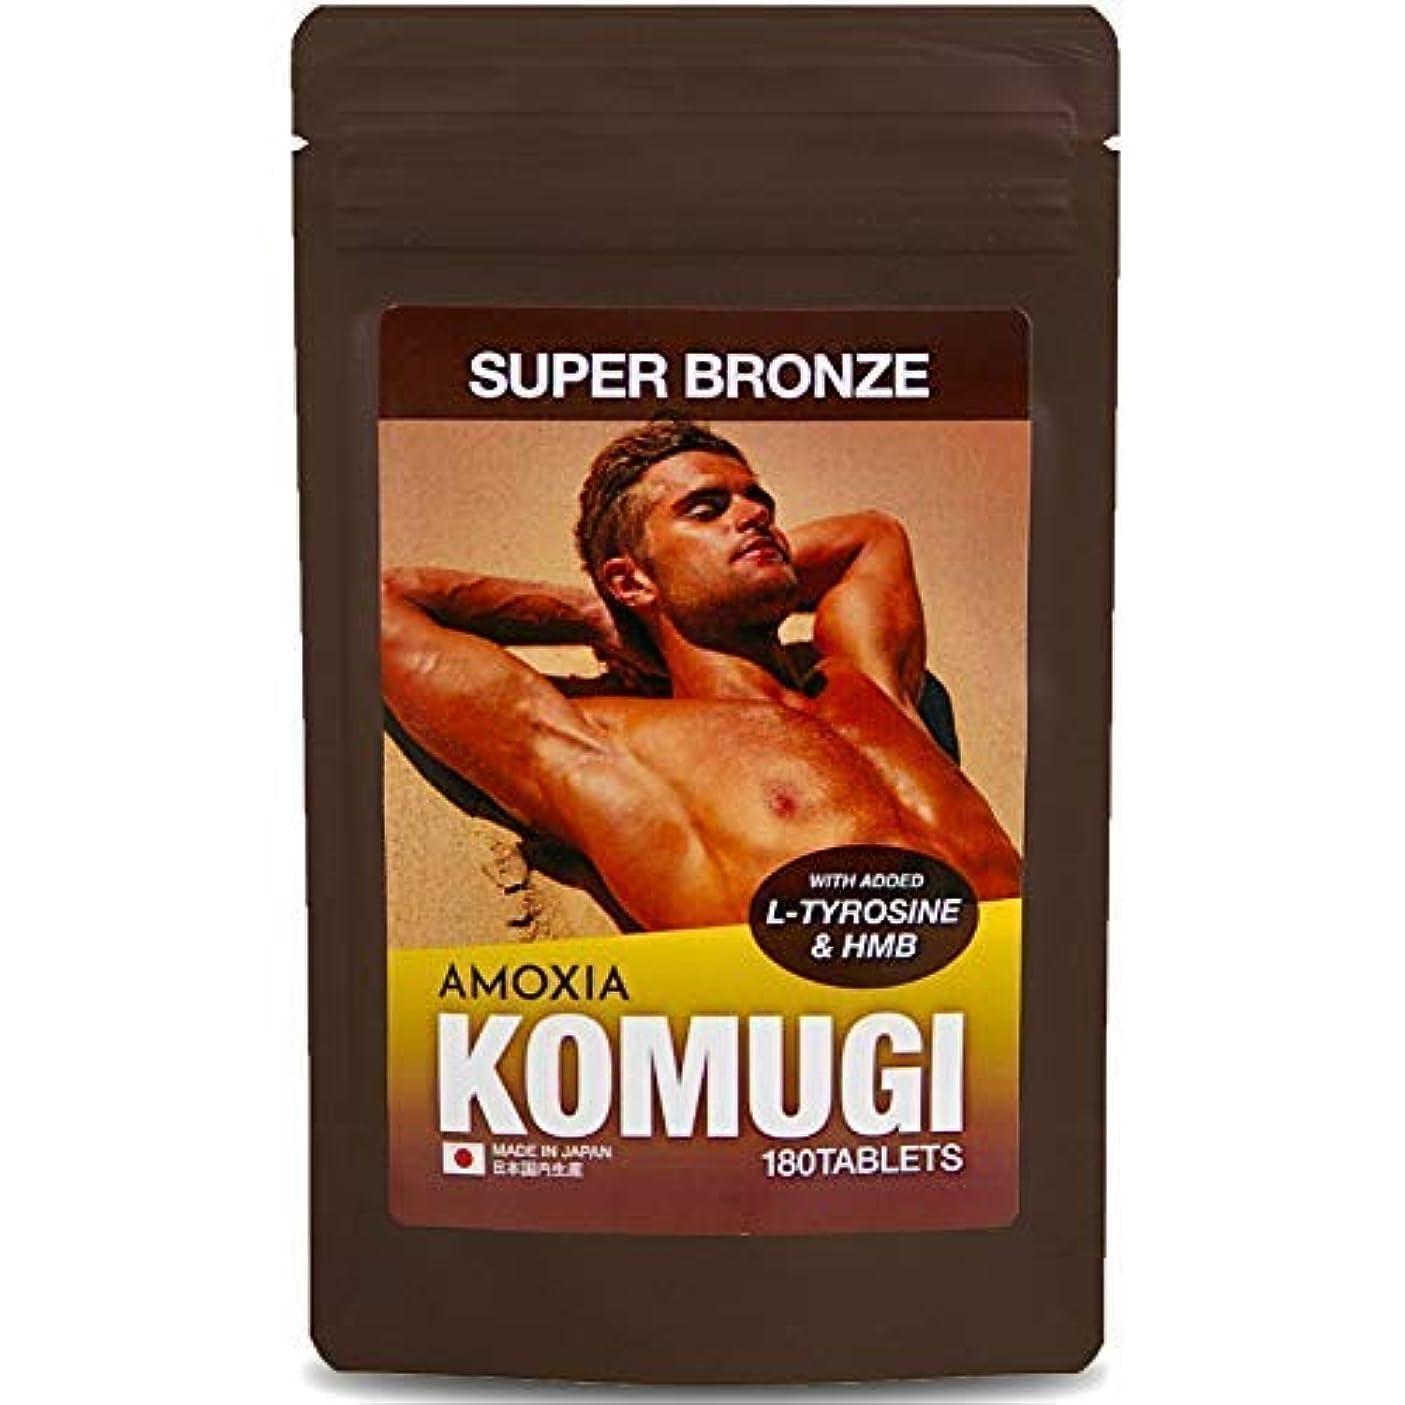 リアル深める冒険家KOMUGI 日焼けと筋肉増強で新発想の飲むタンニング タンニングサプリメント 安心の国産 HMB配合 国産シェア100%